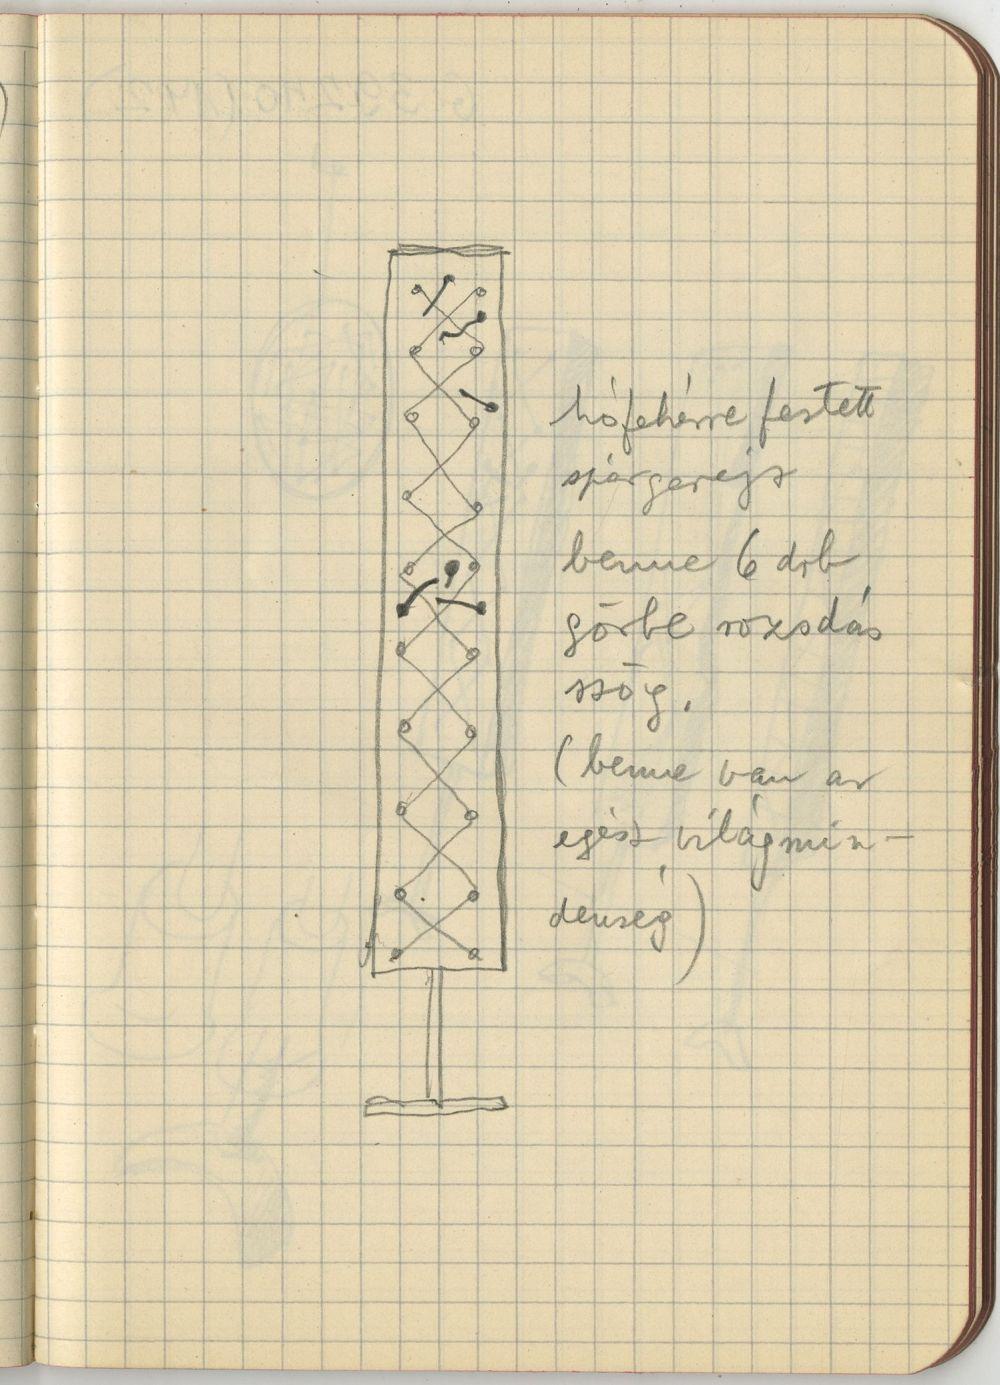 G39240(142)<br/><b>Cím:</b> Cím nélkül<br/><b>Méret (cm):</b> 17x12<br/><b>Készült:</b> 1947.<br/><b>Technika:</b> ceruza<br/>